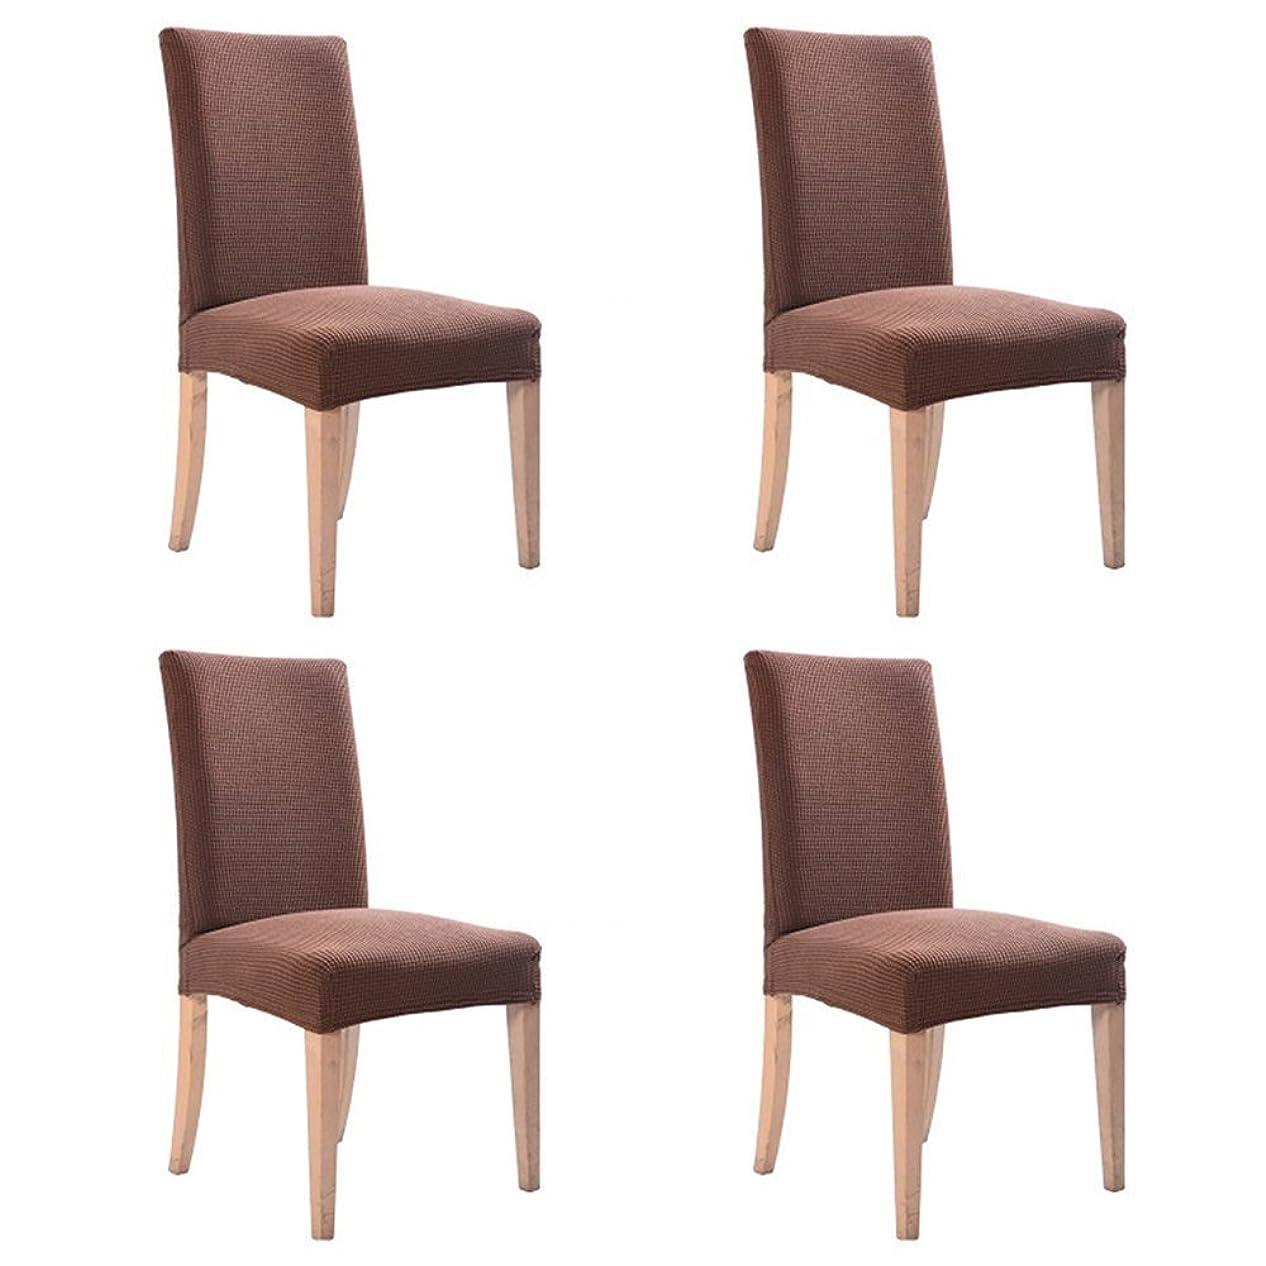 視線有限真実椅子カバー チェアカバー 4枚セット ダイニングチェアカバー フルカバー ストレッチ 伸縮素材 座面+背もたれ ウェディング/結婚式/パーティーなどで 洗える ふわふわ (ブラウン, 4枚)